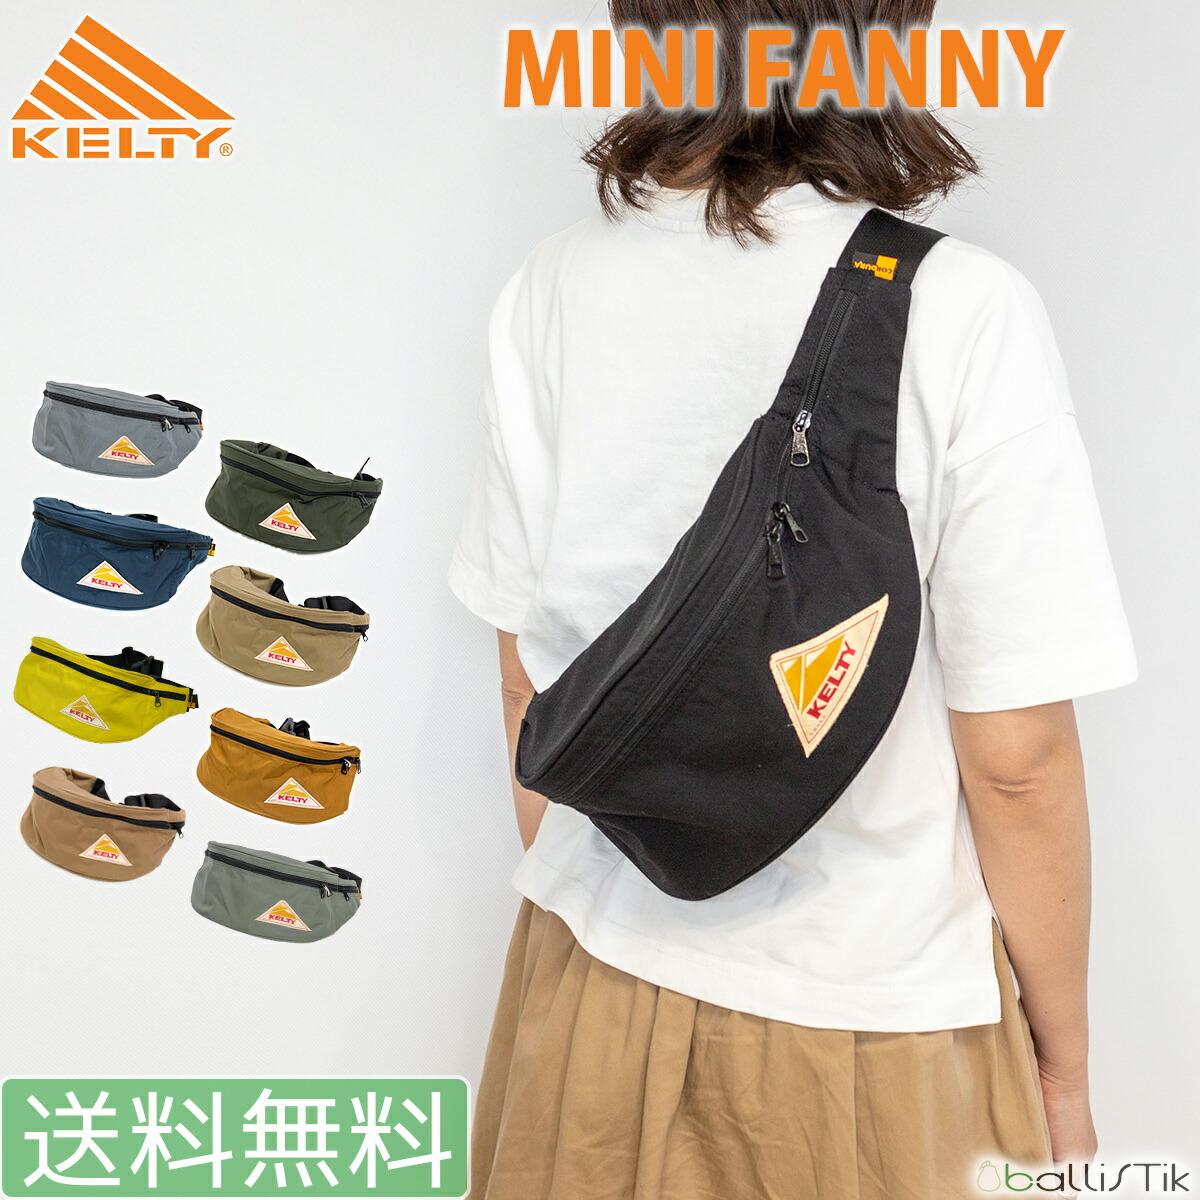 kelty/����ƥ�/MINI FANNY/�ߥ˥ե��ˡ�/�������ȥХå�/�ҥåץХå�/�ܥǥ��Хå�/��ǥ�����/���/�ᥤ��